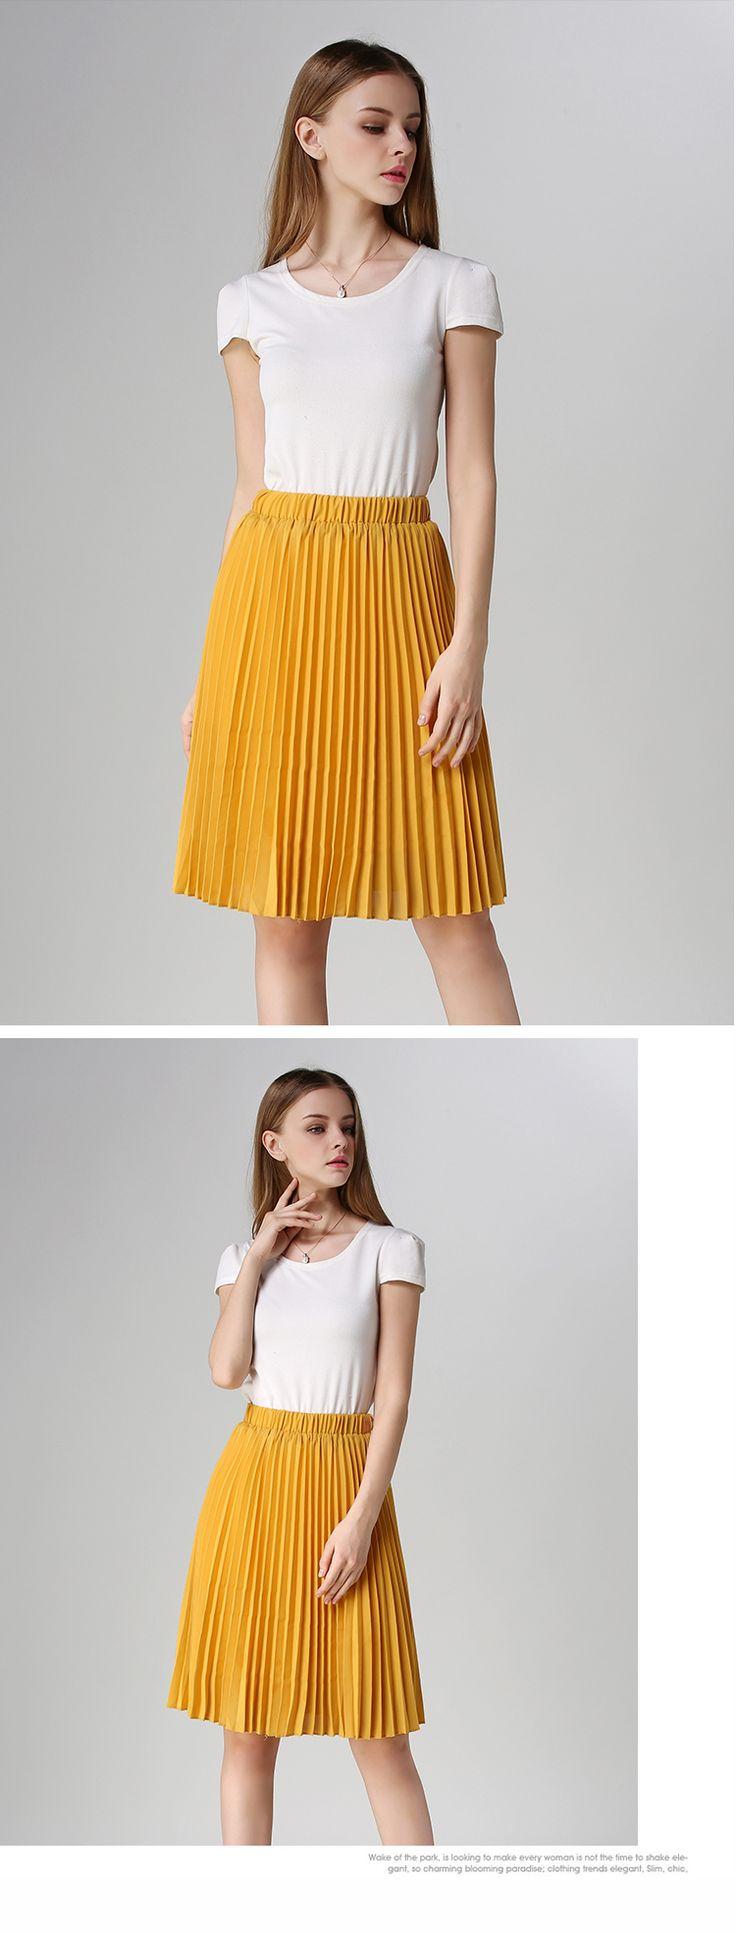 Alta Gasa de La Cintura Faldas Para Mujer 2016 Otoño de La Manera Longitud de La Rodilla A line Saia Midi Falda Plisada Elegante Gris Rosa de Tul Falda en Faldas de Ropa y Accesorios de las mujeres en AliExpress.com | Alibaba Group